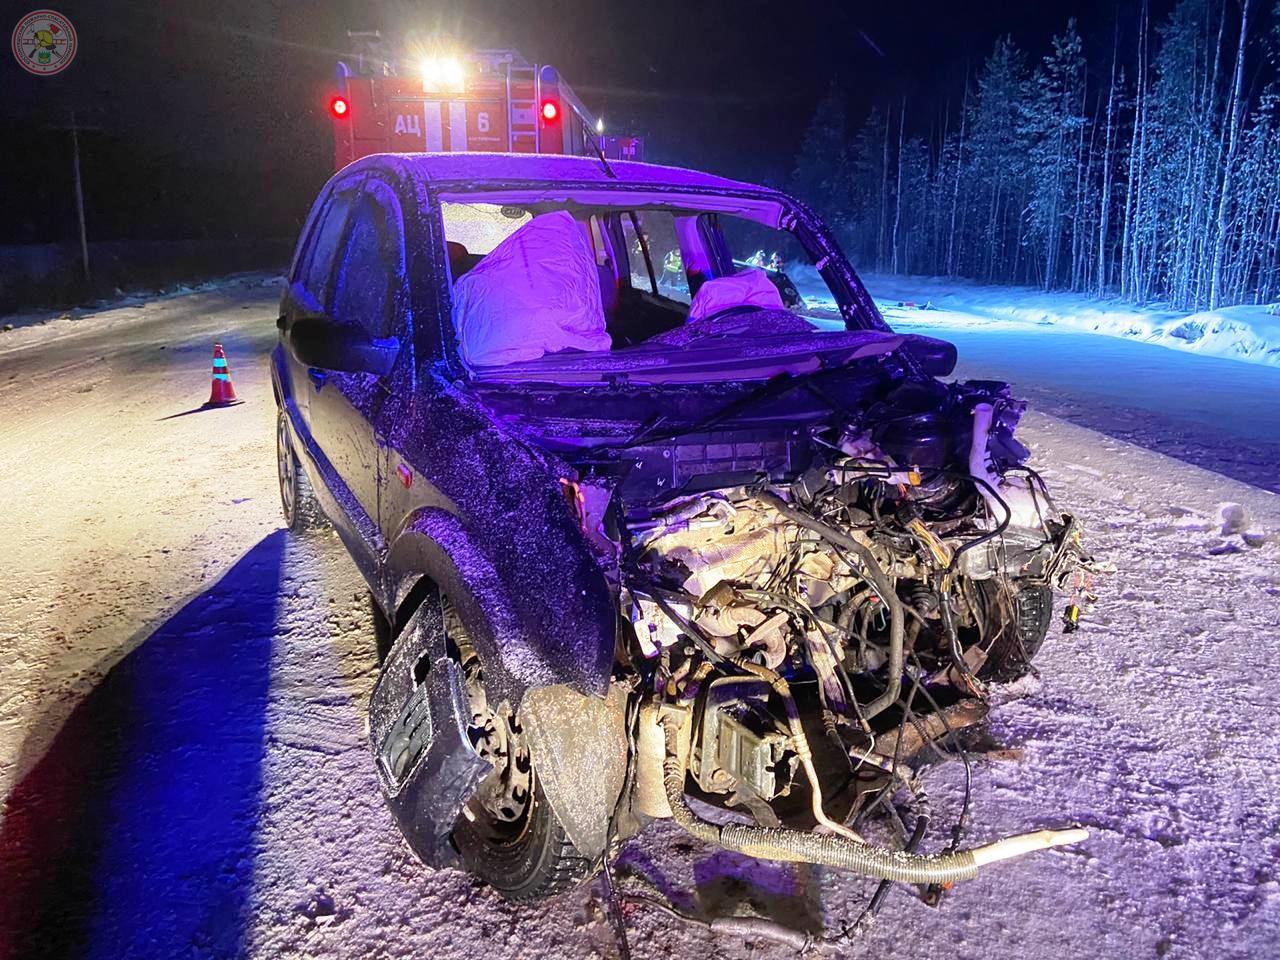 Пострадавший Ford Fusion. Фото: Второй пожарно-спасательный отряд Карелии